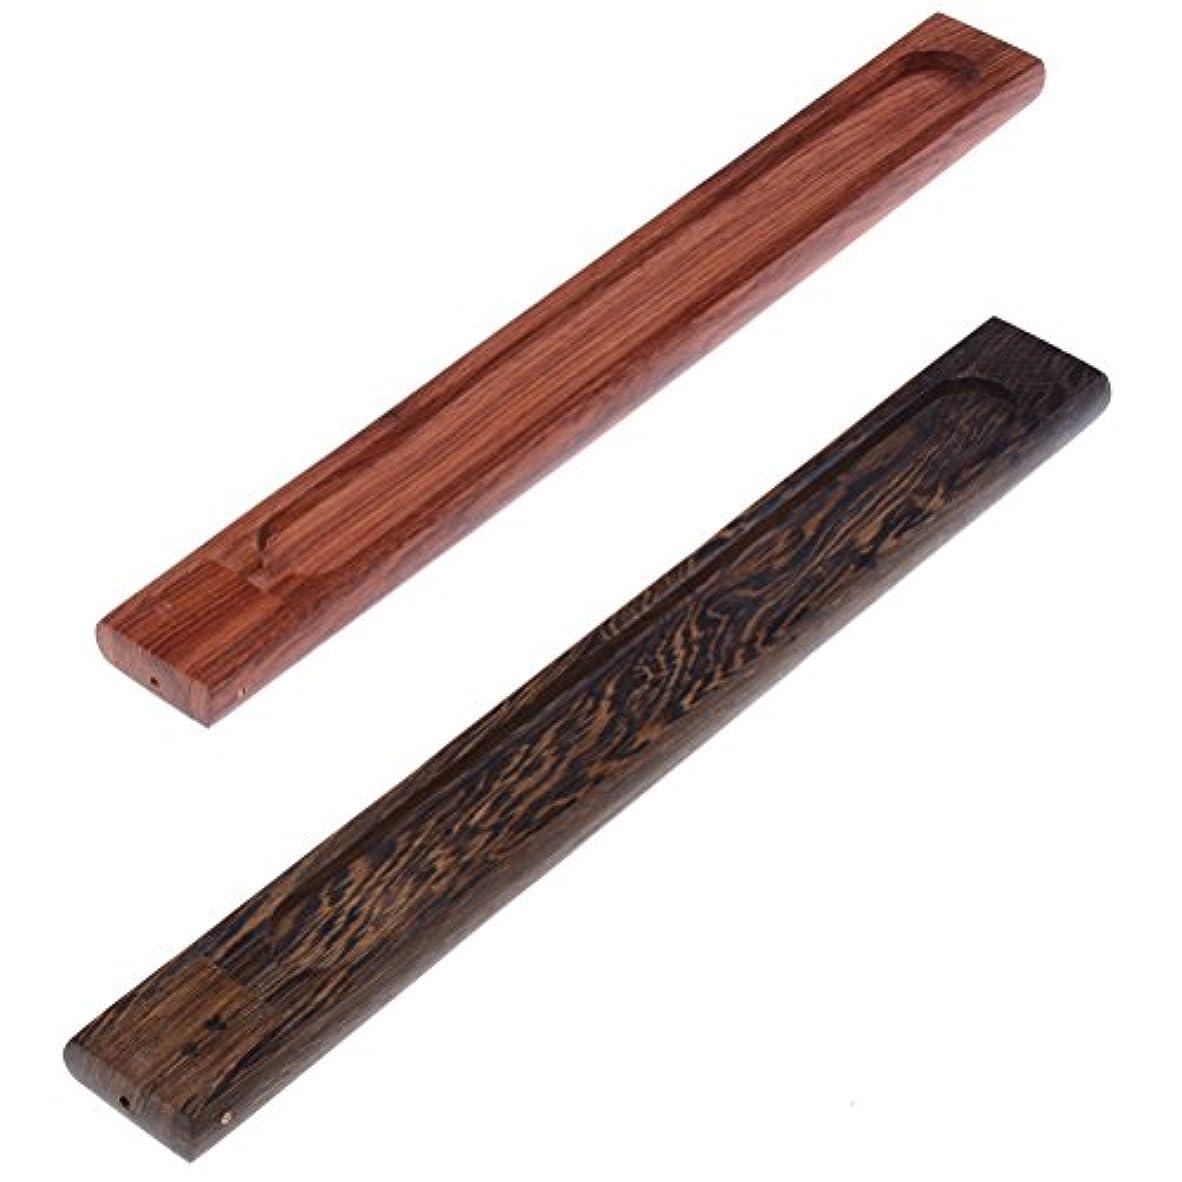 かすれた対処覚醒yiphates 2ピース木製香炉スティックホルダーAshキャッチャー木製トレイwith Adjustable Incense Stick Holder